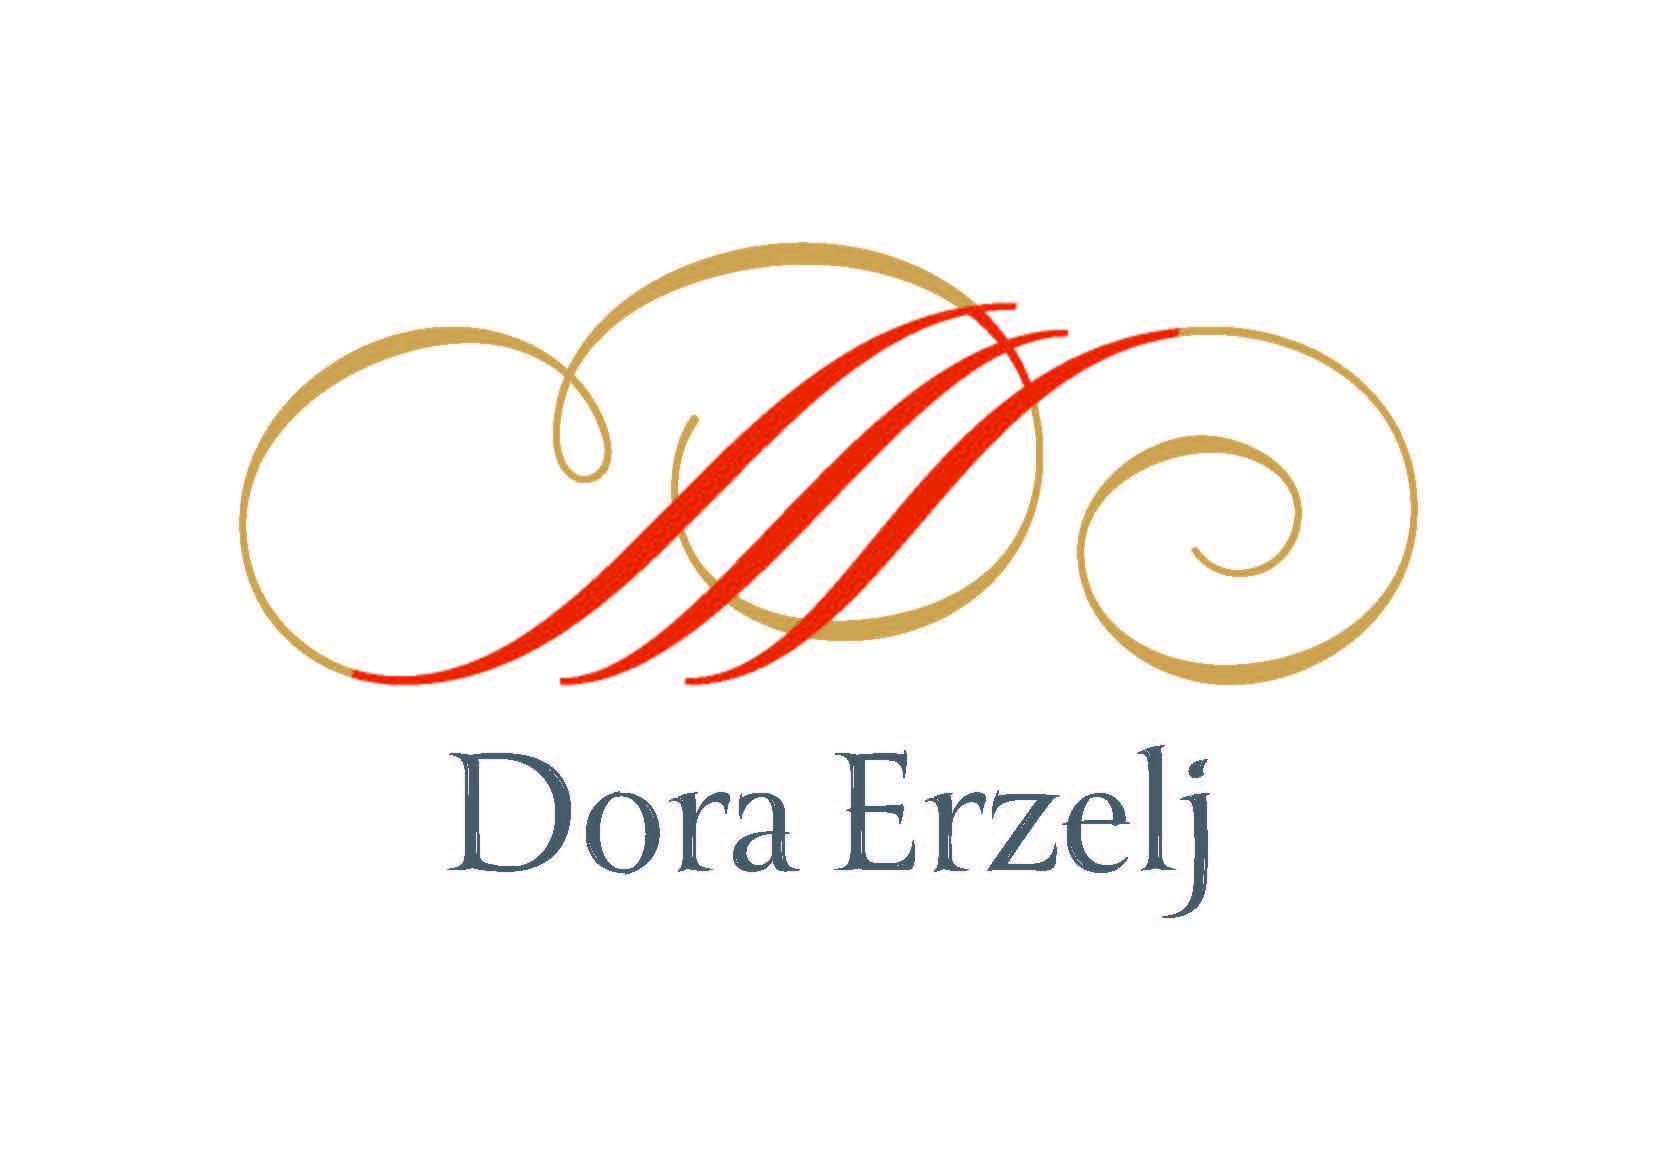 Dora Erzelj